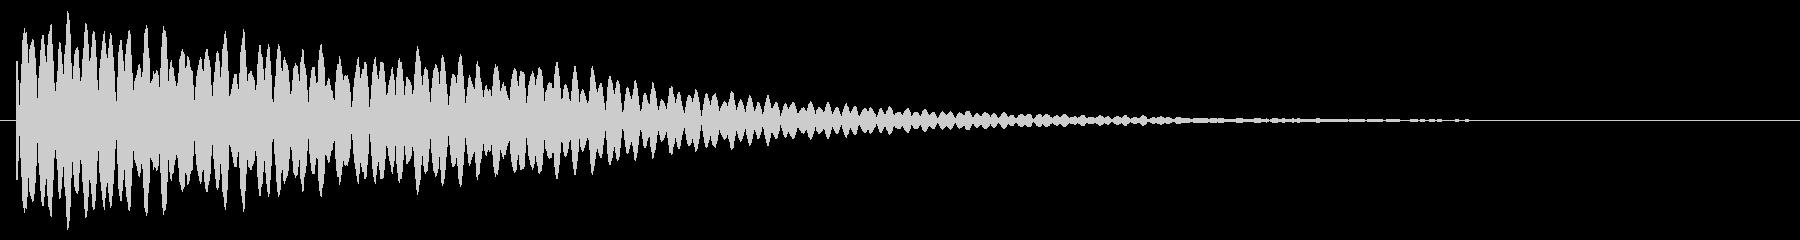 金属音 キーン 魔法の未再生の波形